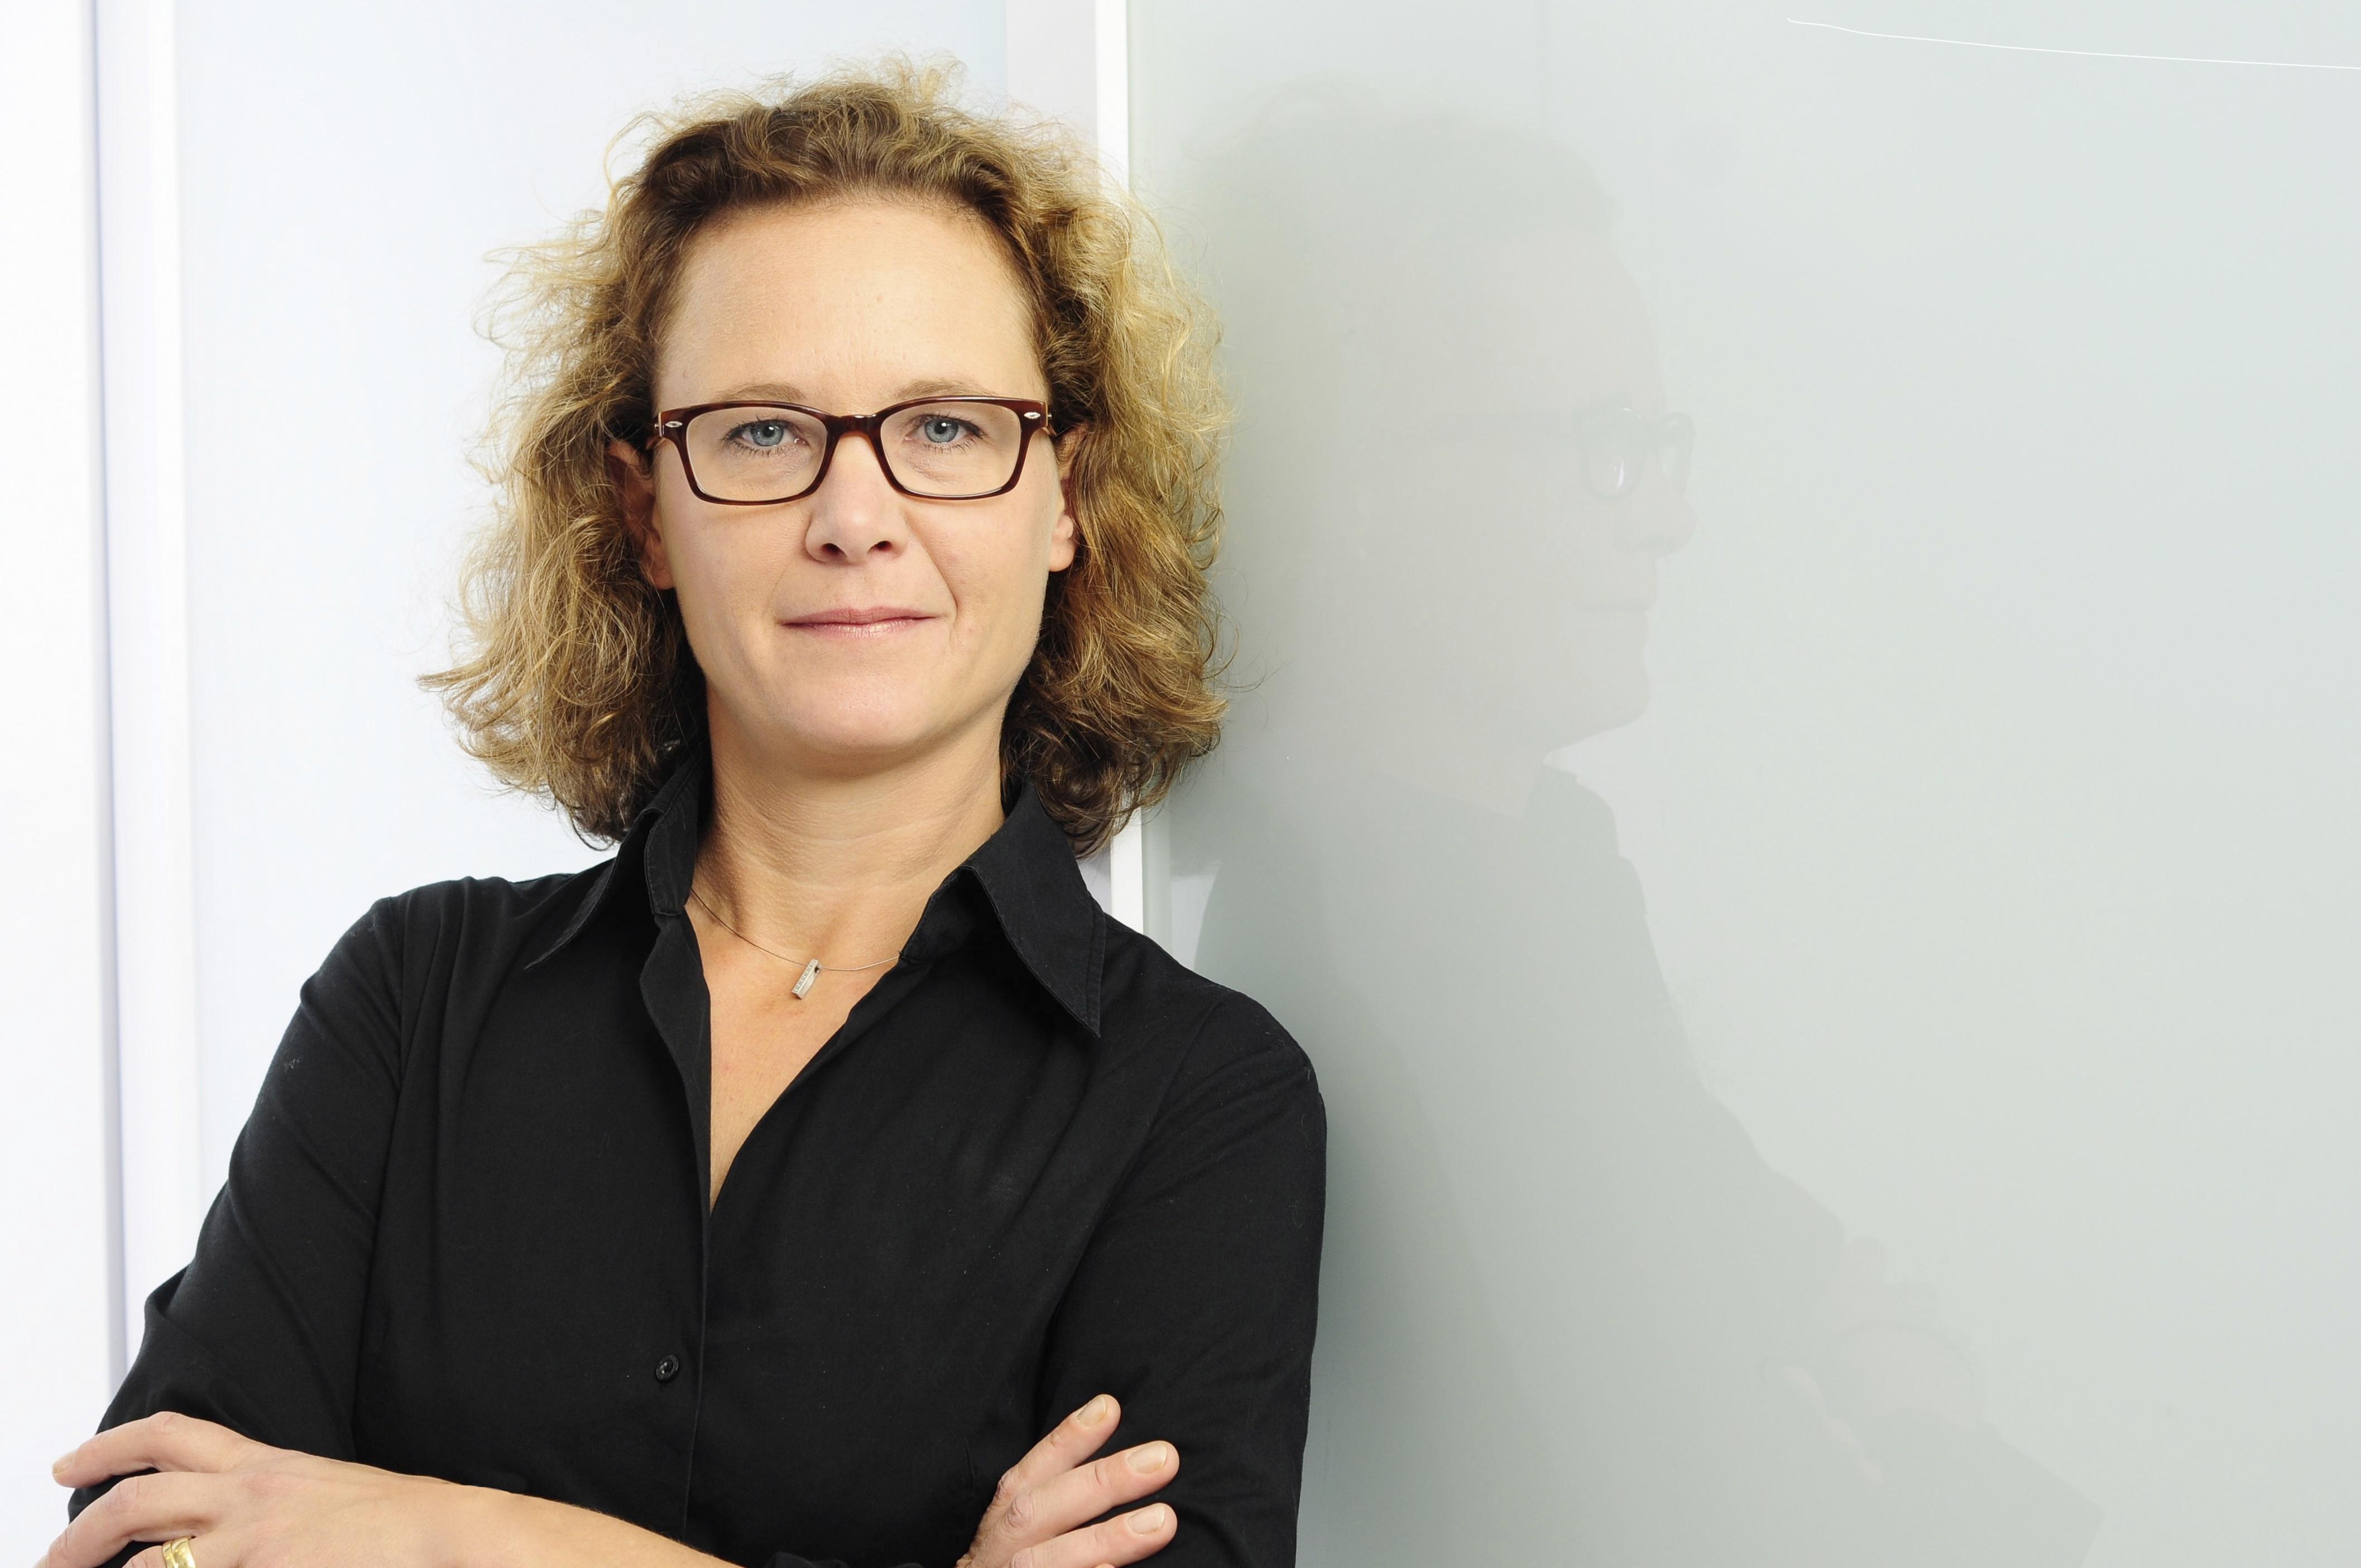 Nicola Hauchler